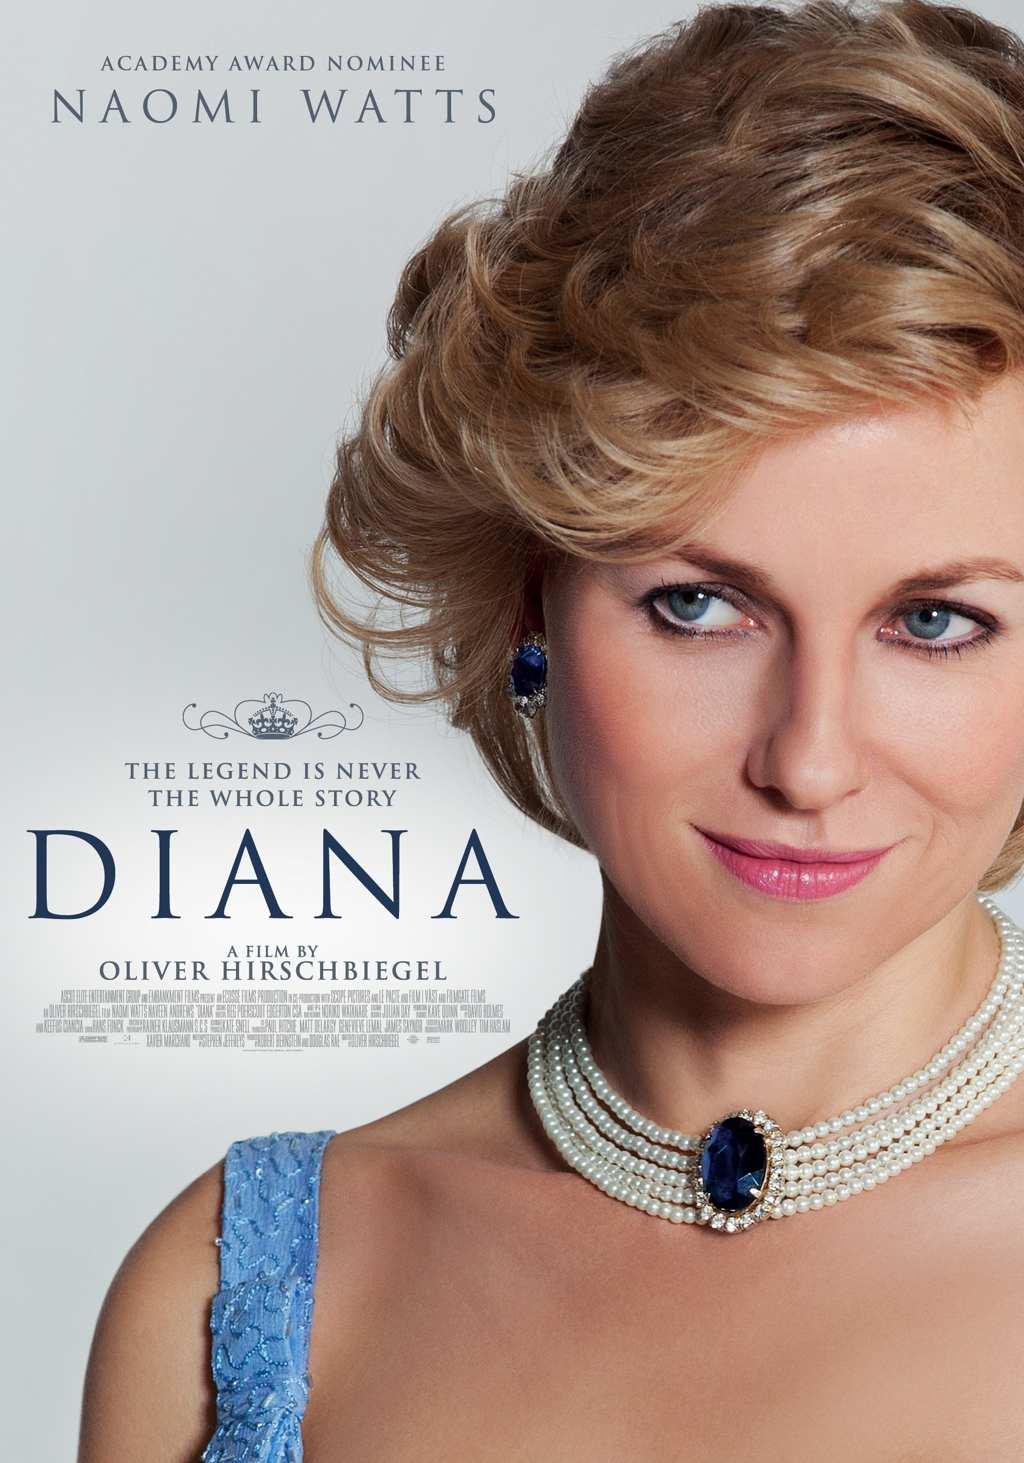 Diana – Naomi Watts